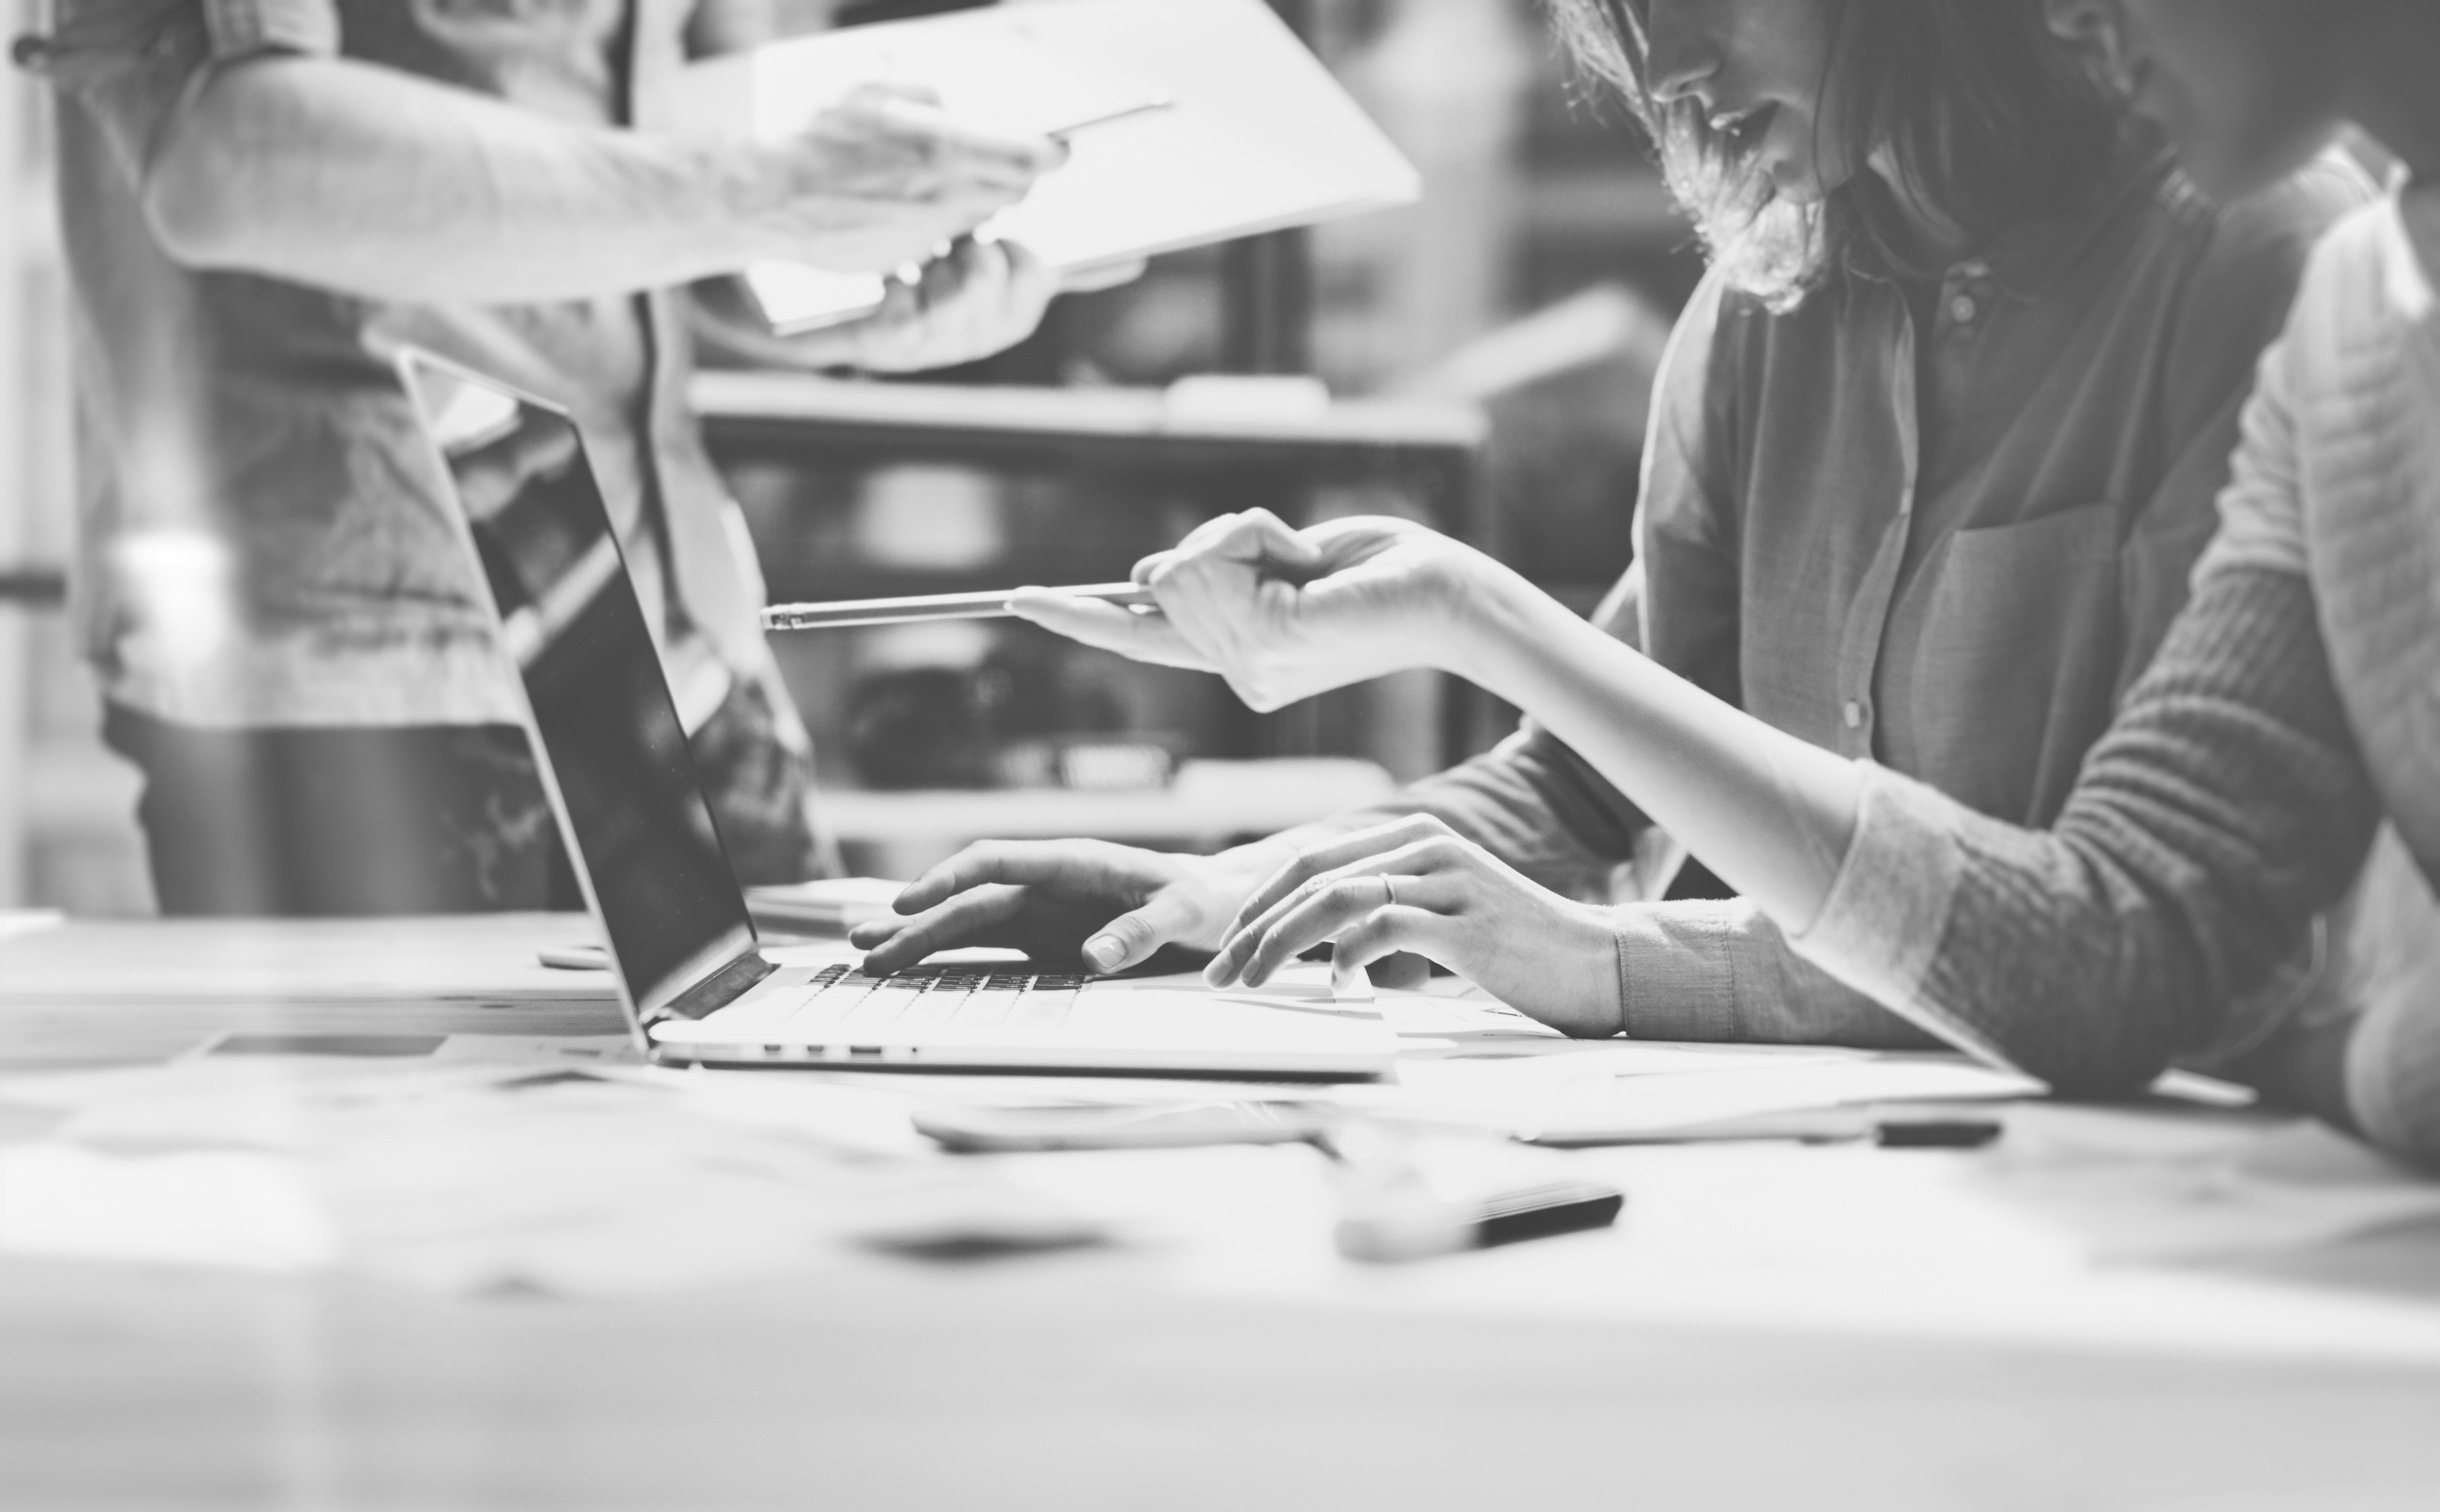 ○○比率なんて中小企業経営に大事なのは数個に限られている  経営 財務 会計 事業計画 税理士 会計士 コンサル 富山